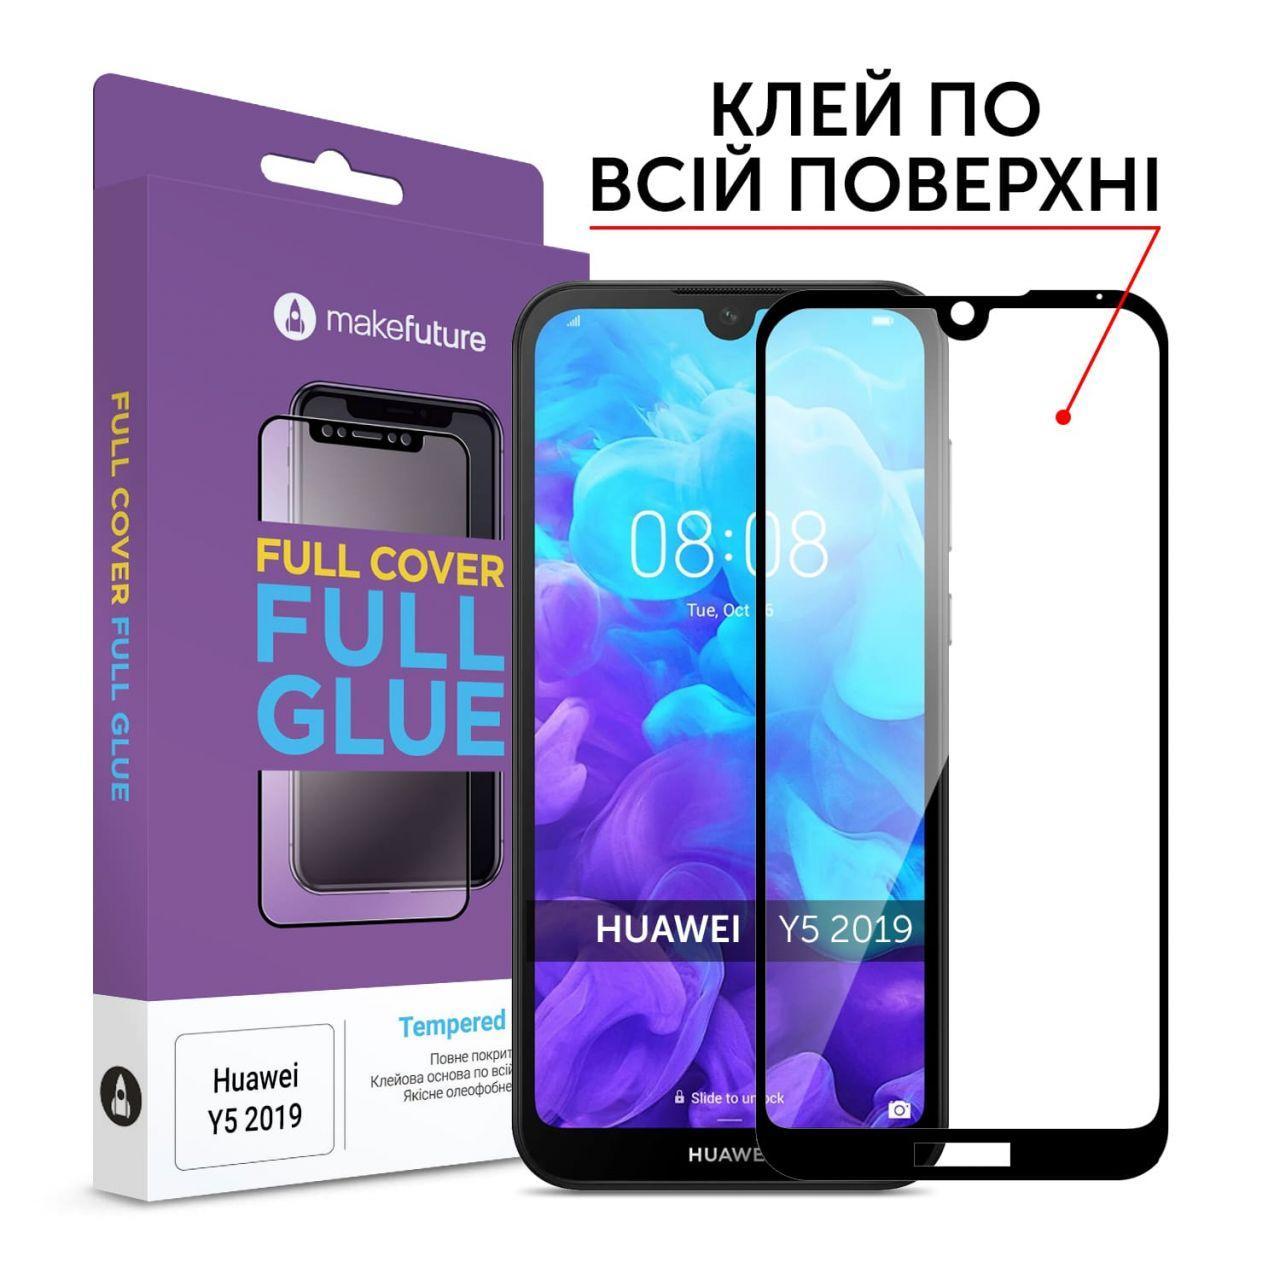 Защитное стекло MakeFuture Full Cover Full Glue Huawei Y5 2019 Black (MGF-HUY519)